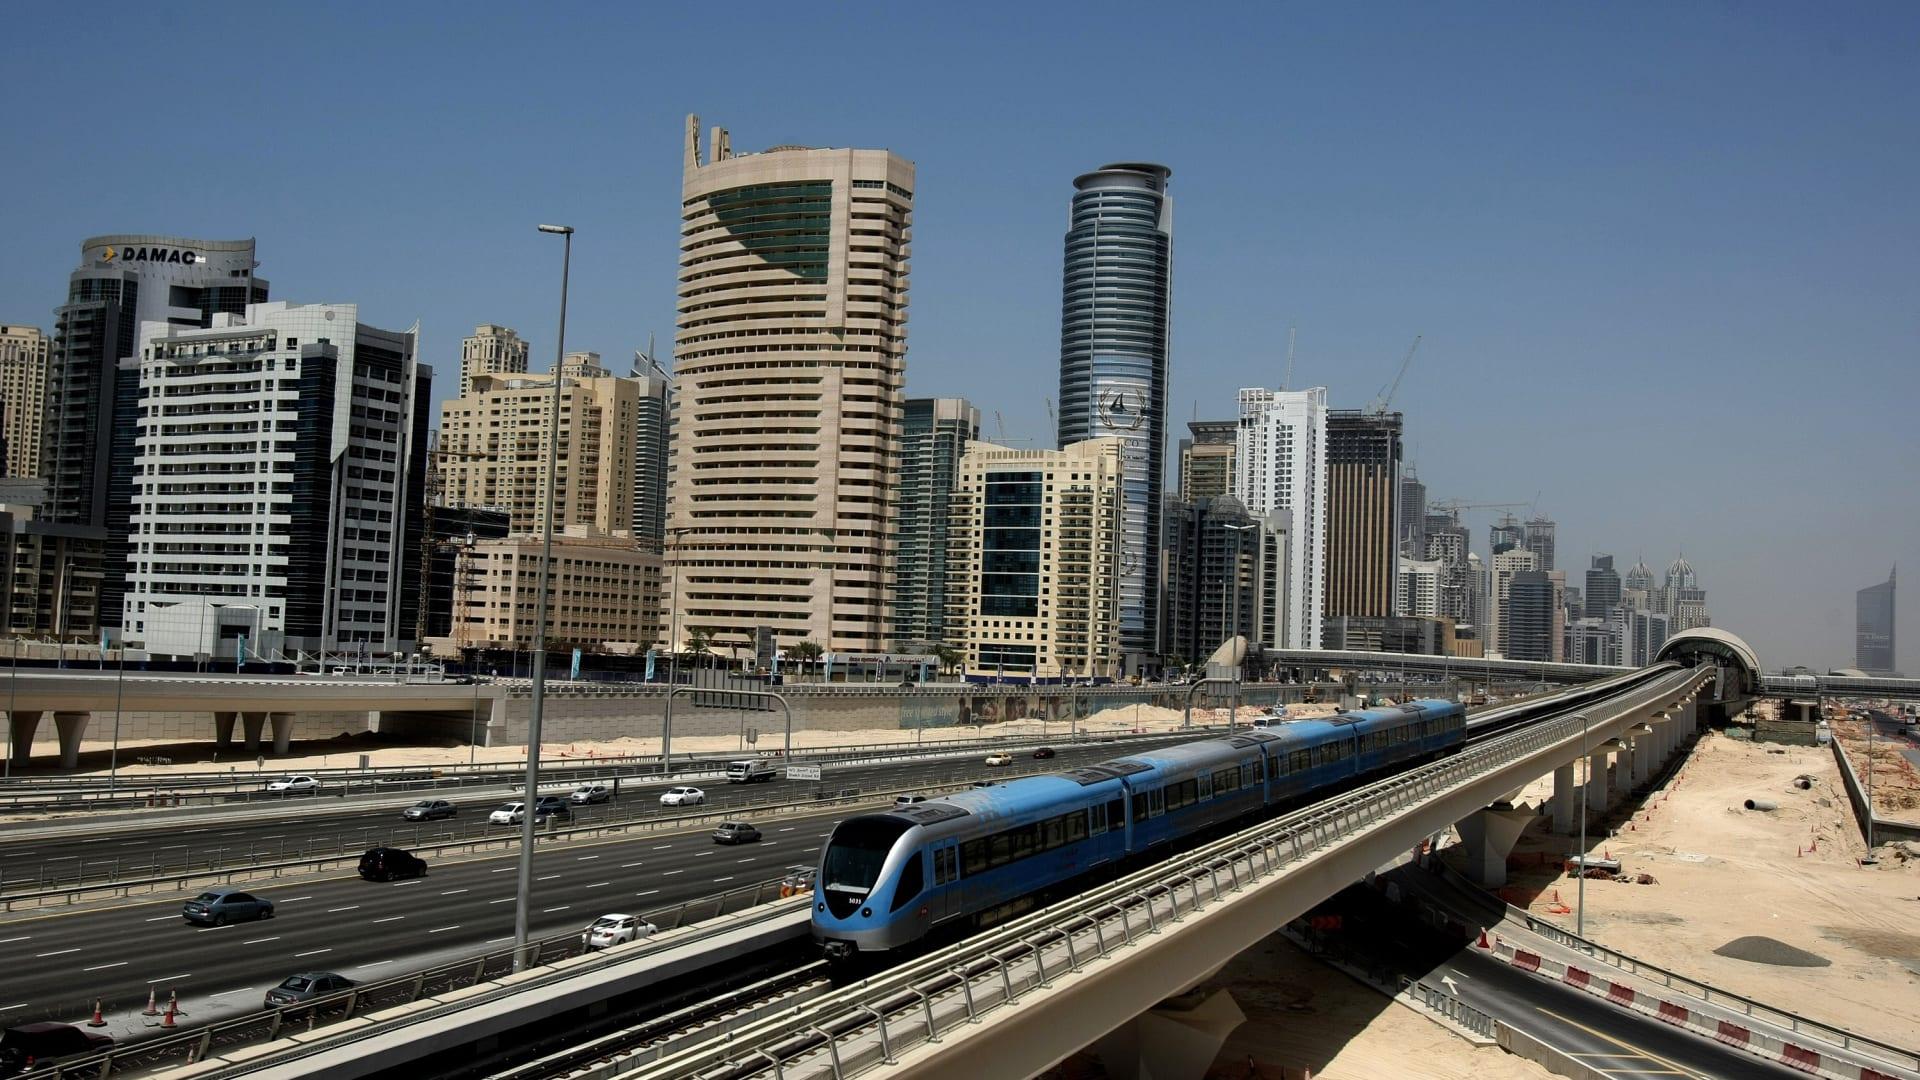 589 مليون شخص استخدموا النقل الجماعي والمشترك في دبي العام الماضي